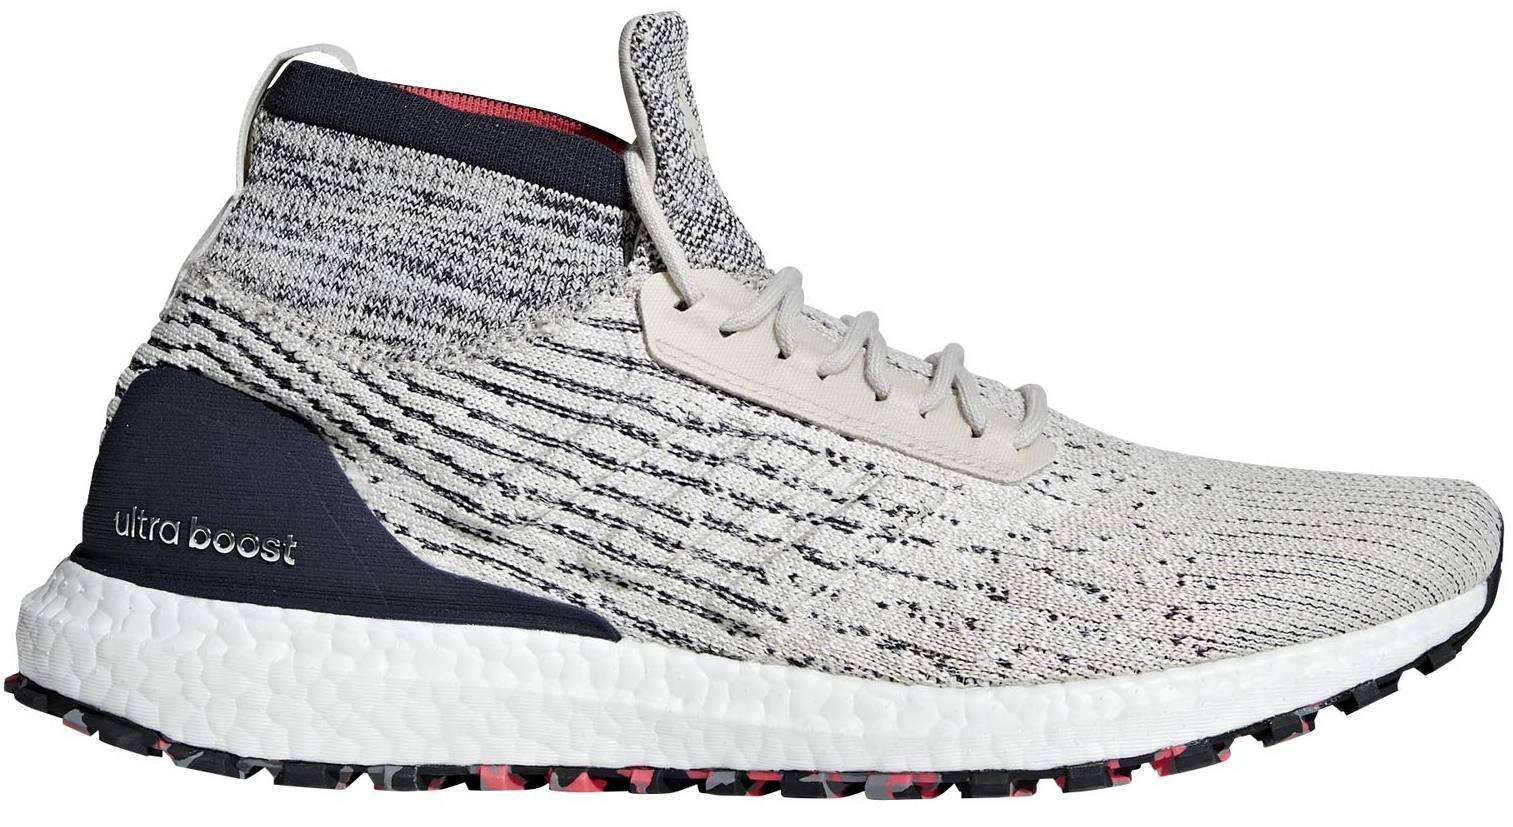 Adidas Ultraboost All Terrain - Deals ($120), Facts, Reviews (2021 ...